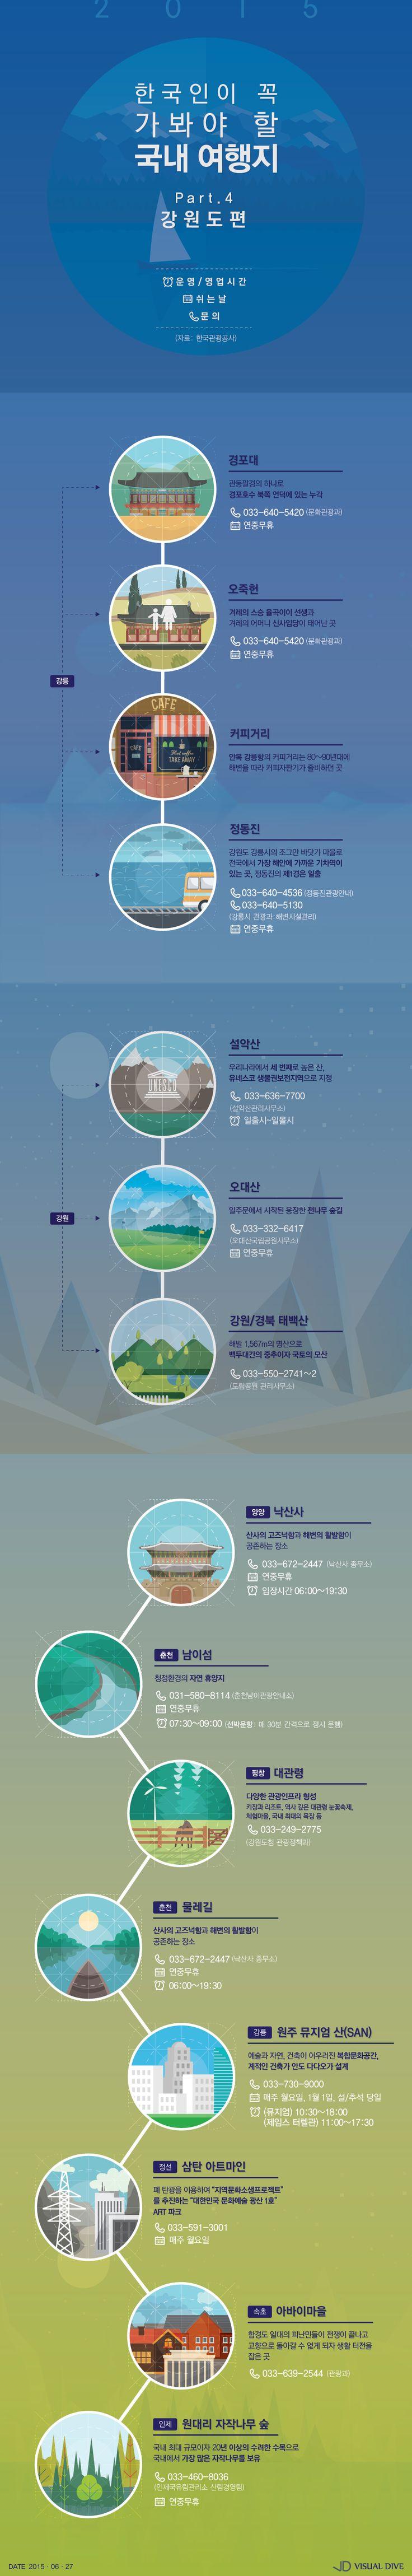 '6월의 끝을 잡고~'…꼭 가봐야 할 강원도 추천 여행지 [인포그래픽] #Travel / #Infographic ⓒ 비주얼다이브 무단…